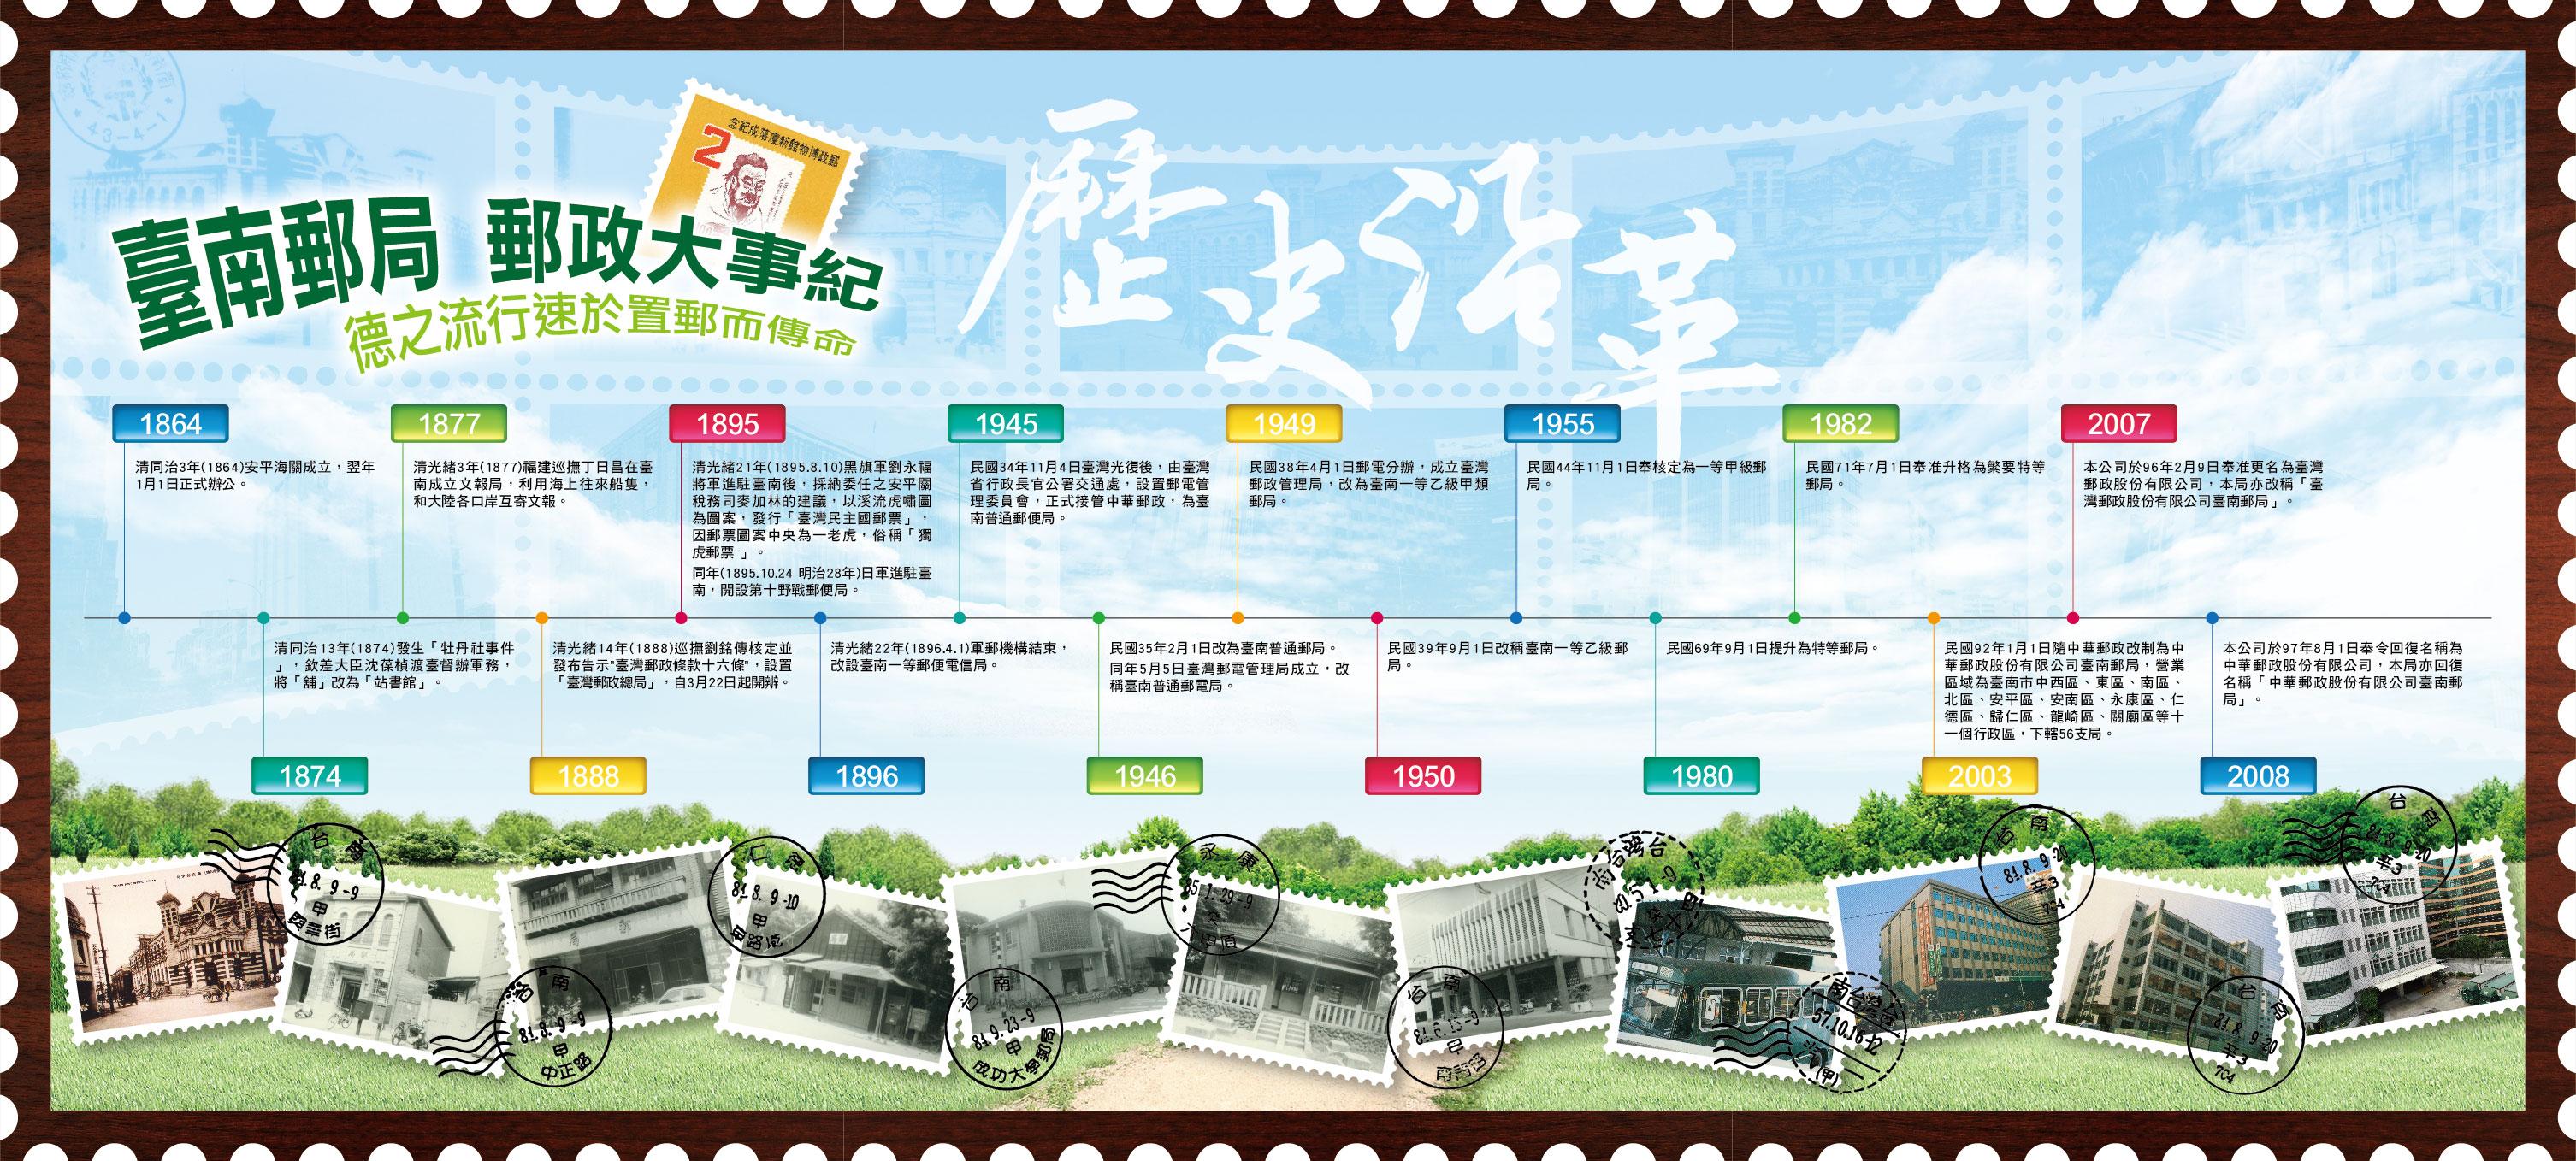 臺南郵局郵政大事紀